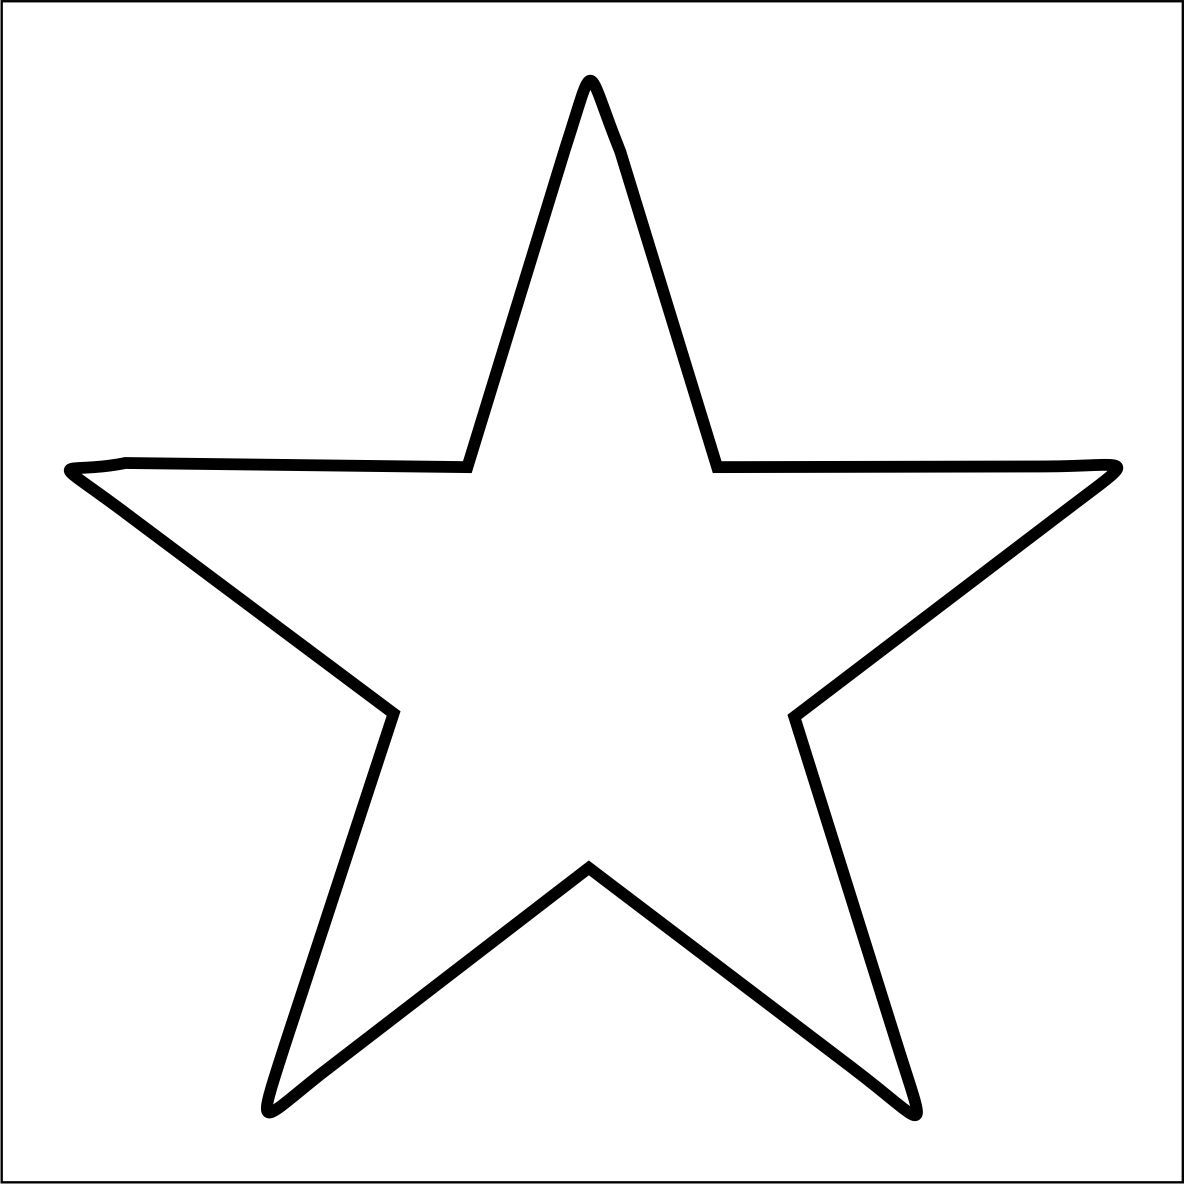 Dibujo estrellas para colorear - Dibujos para colorear - IMAGIXS ...